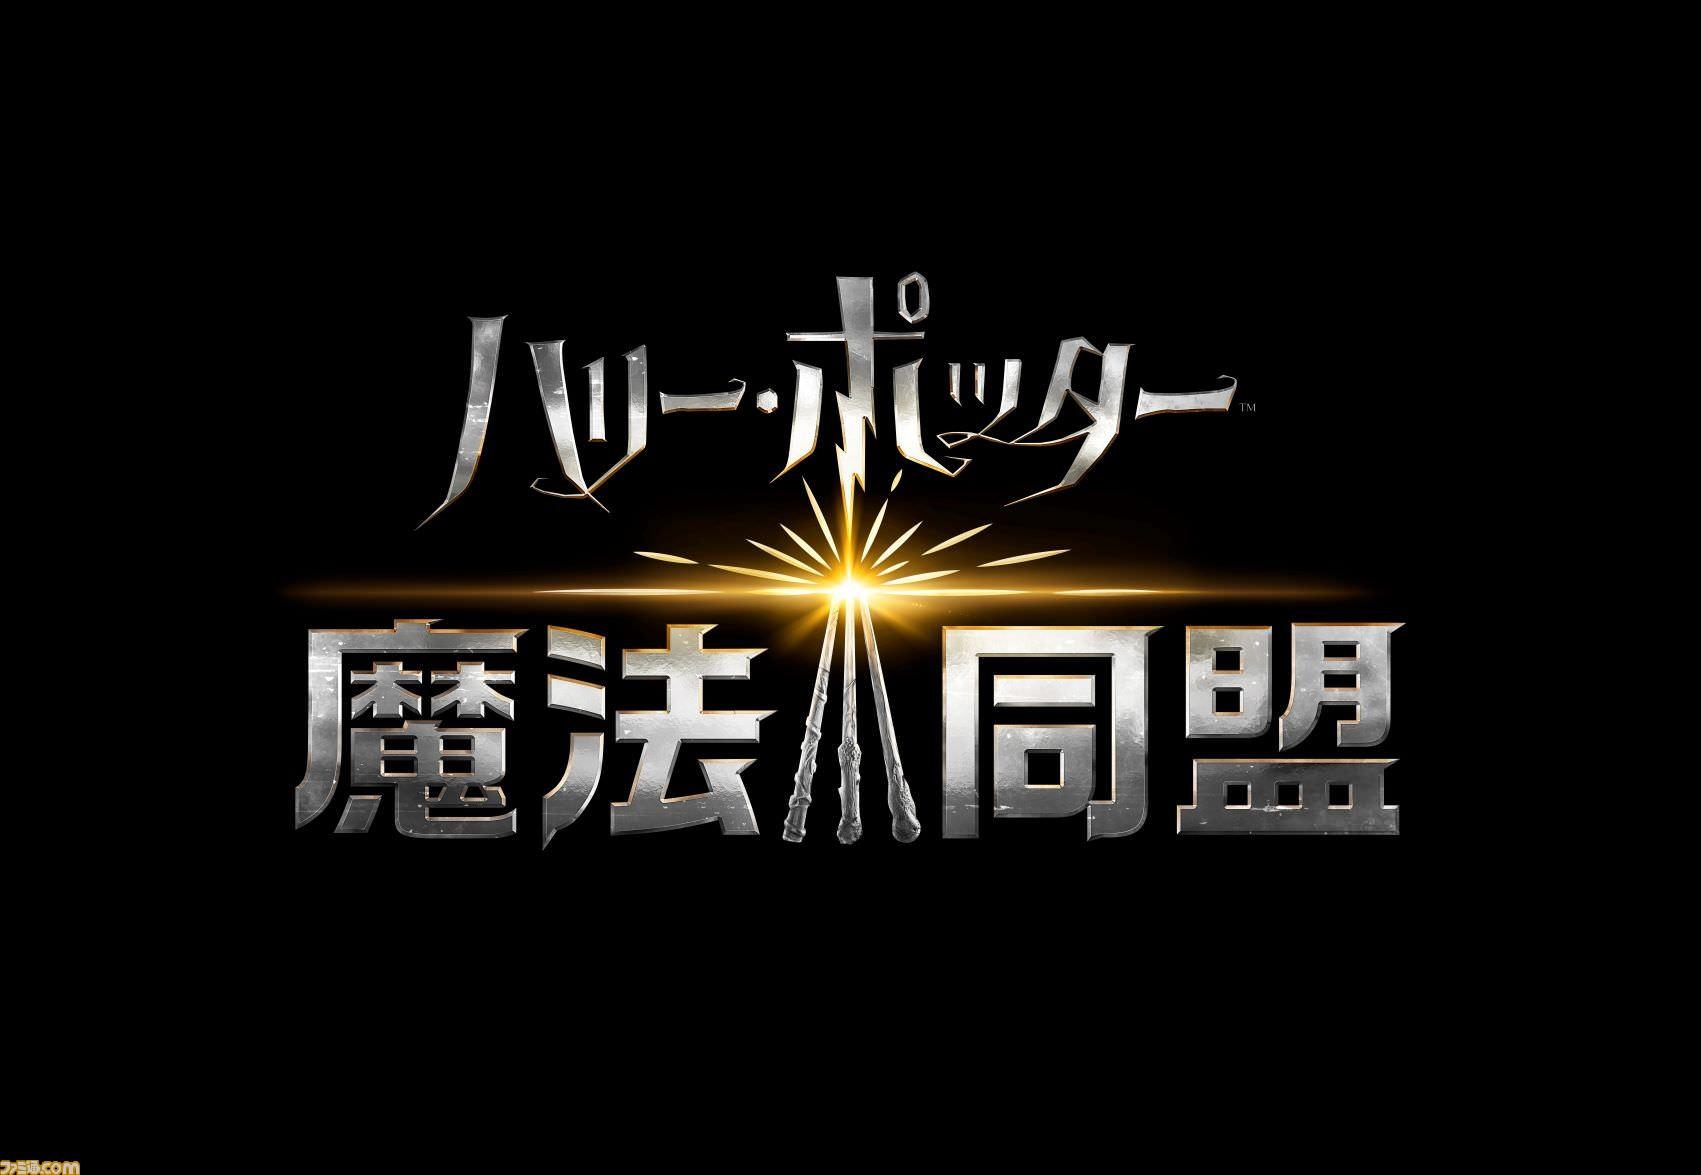 AR手机游戏《哈利波特巫师联盟》第一弹PV 一起探寻神秘